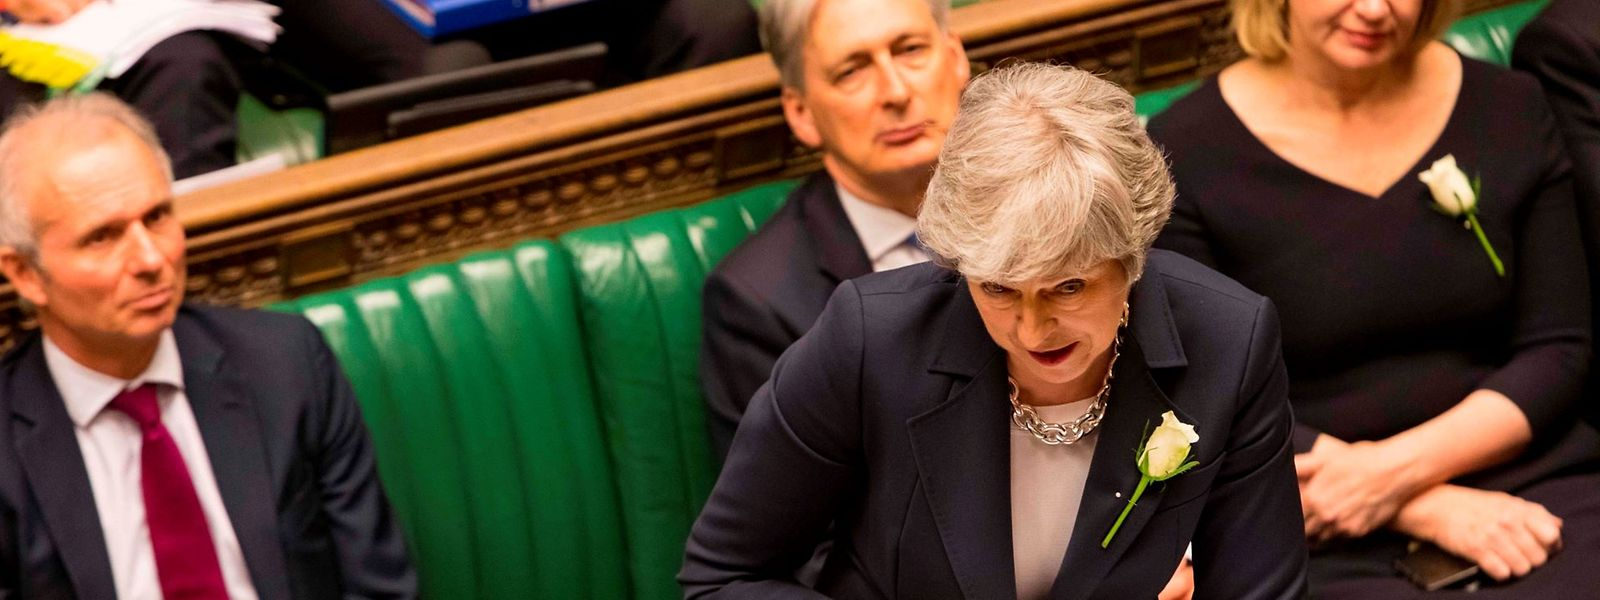 Dans «la semaine du 3 juin» Theresa May présentera au Parlement britannique un projet de loi sur l'accord de Brexit.